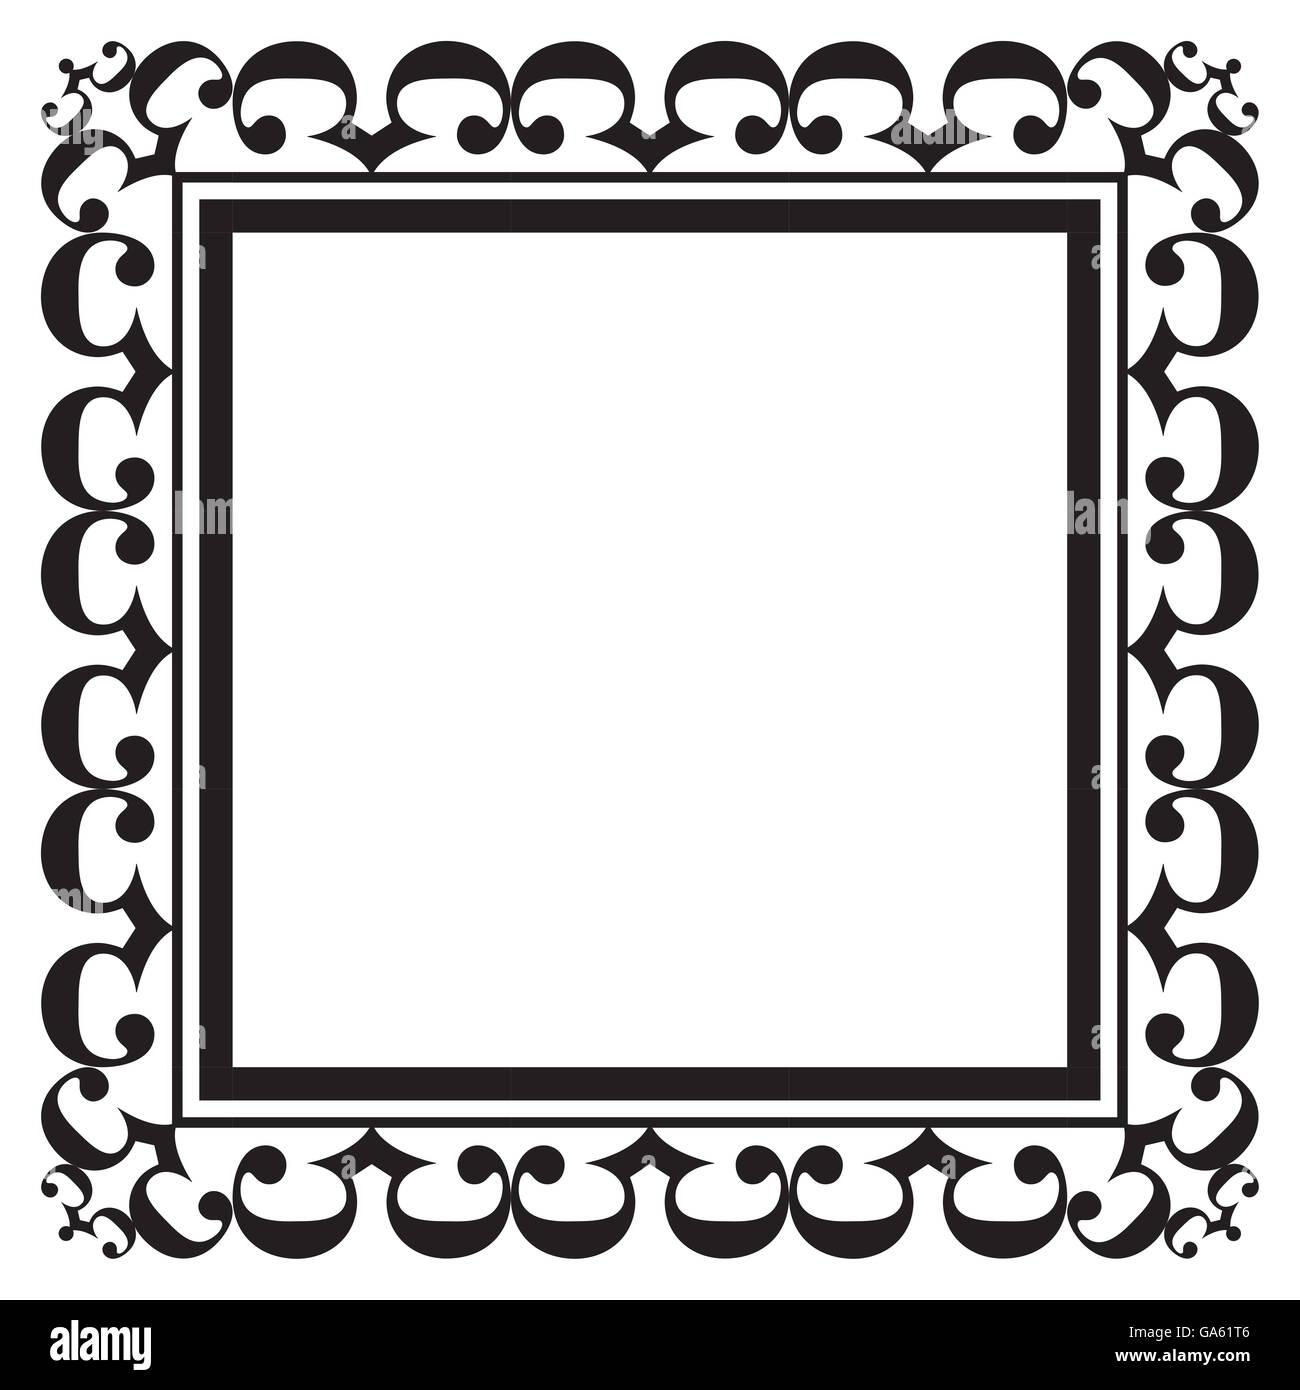 Schwarzen verzierten quadratischen leeren Rahmen für Bilder ...